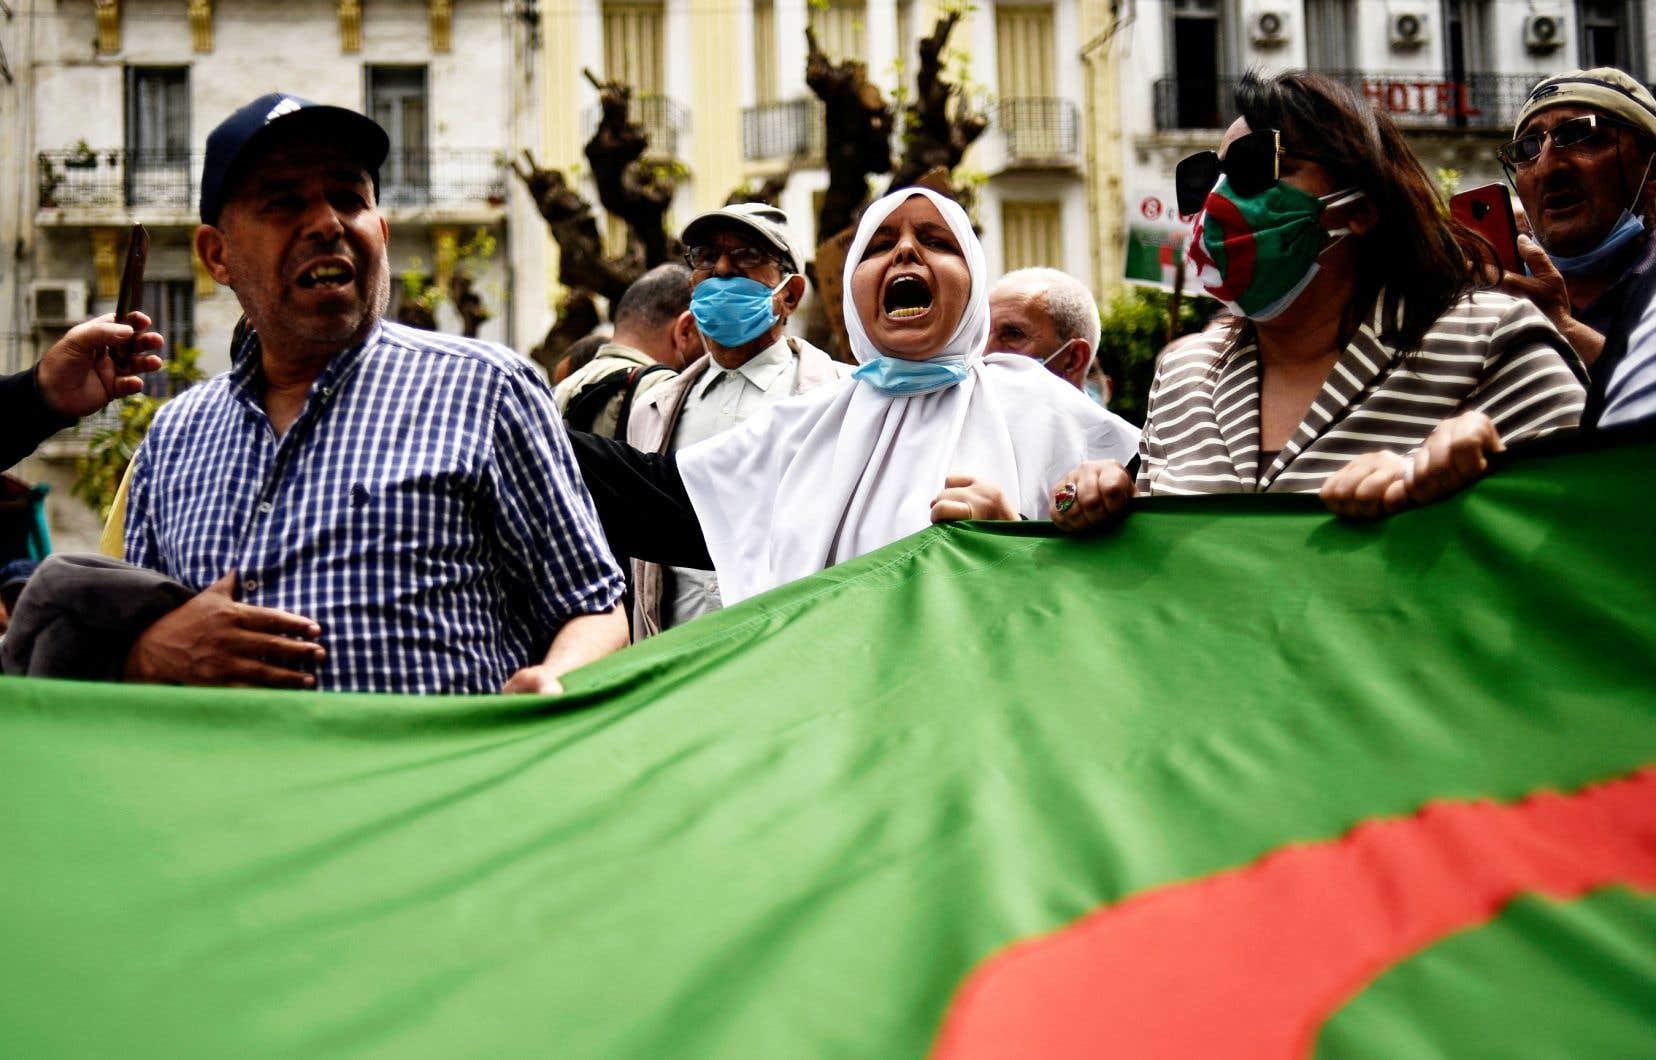 Cette semaine, dans les pages du magazine français «Le Point», le président algérien a affirmé ne plus croire en l'existence du Hirak et à dénoncé un mouvement qui a perdu sa raison d'être, selon lui, pour appeler désormais à la violence.